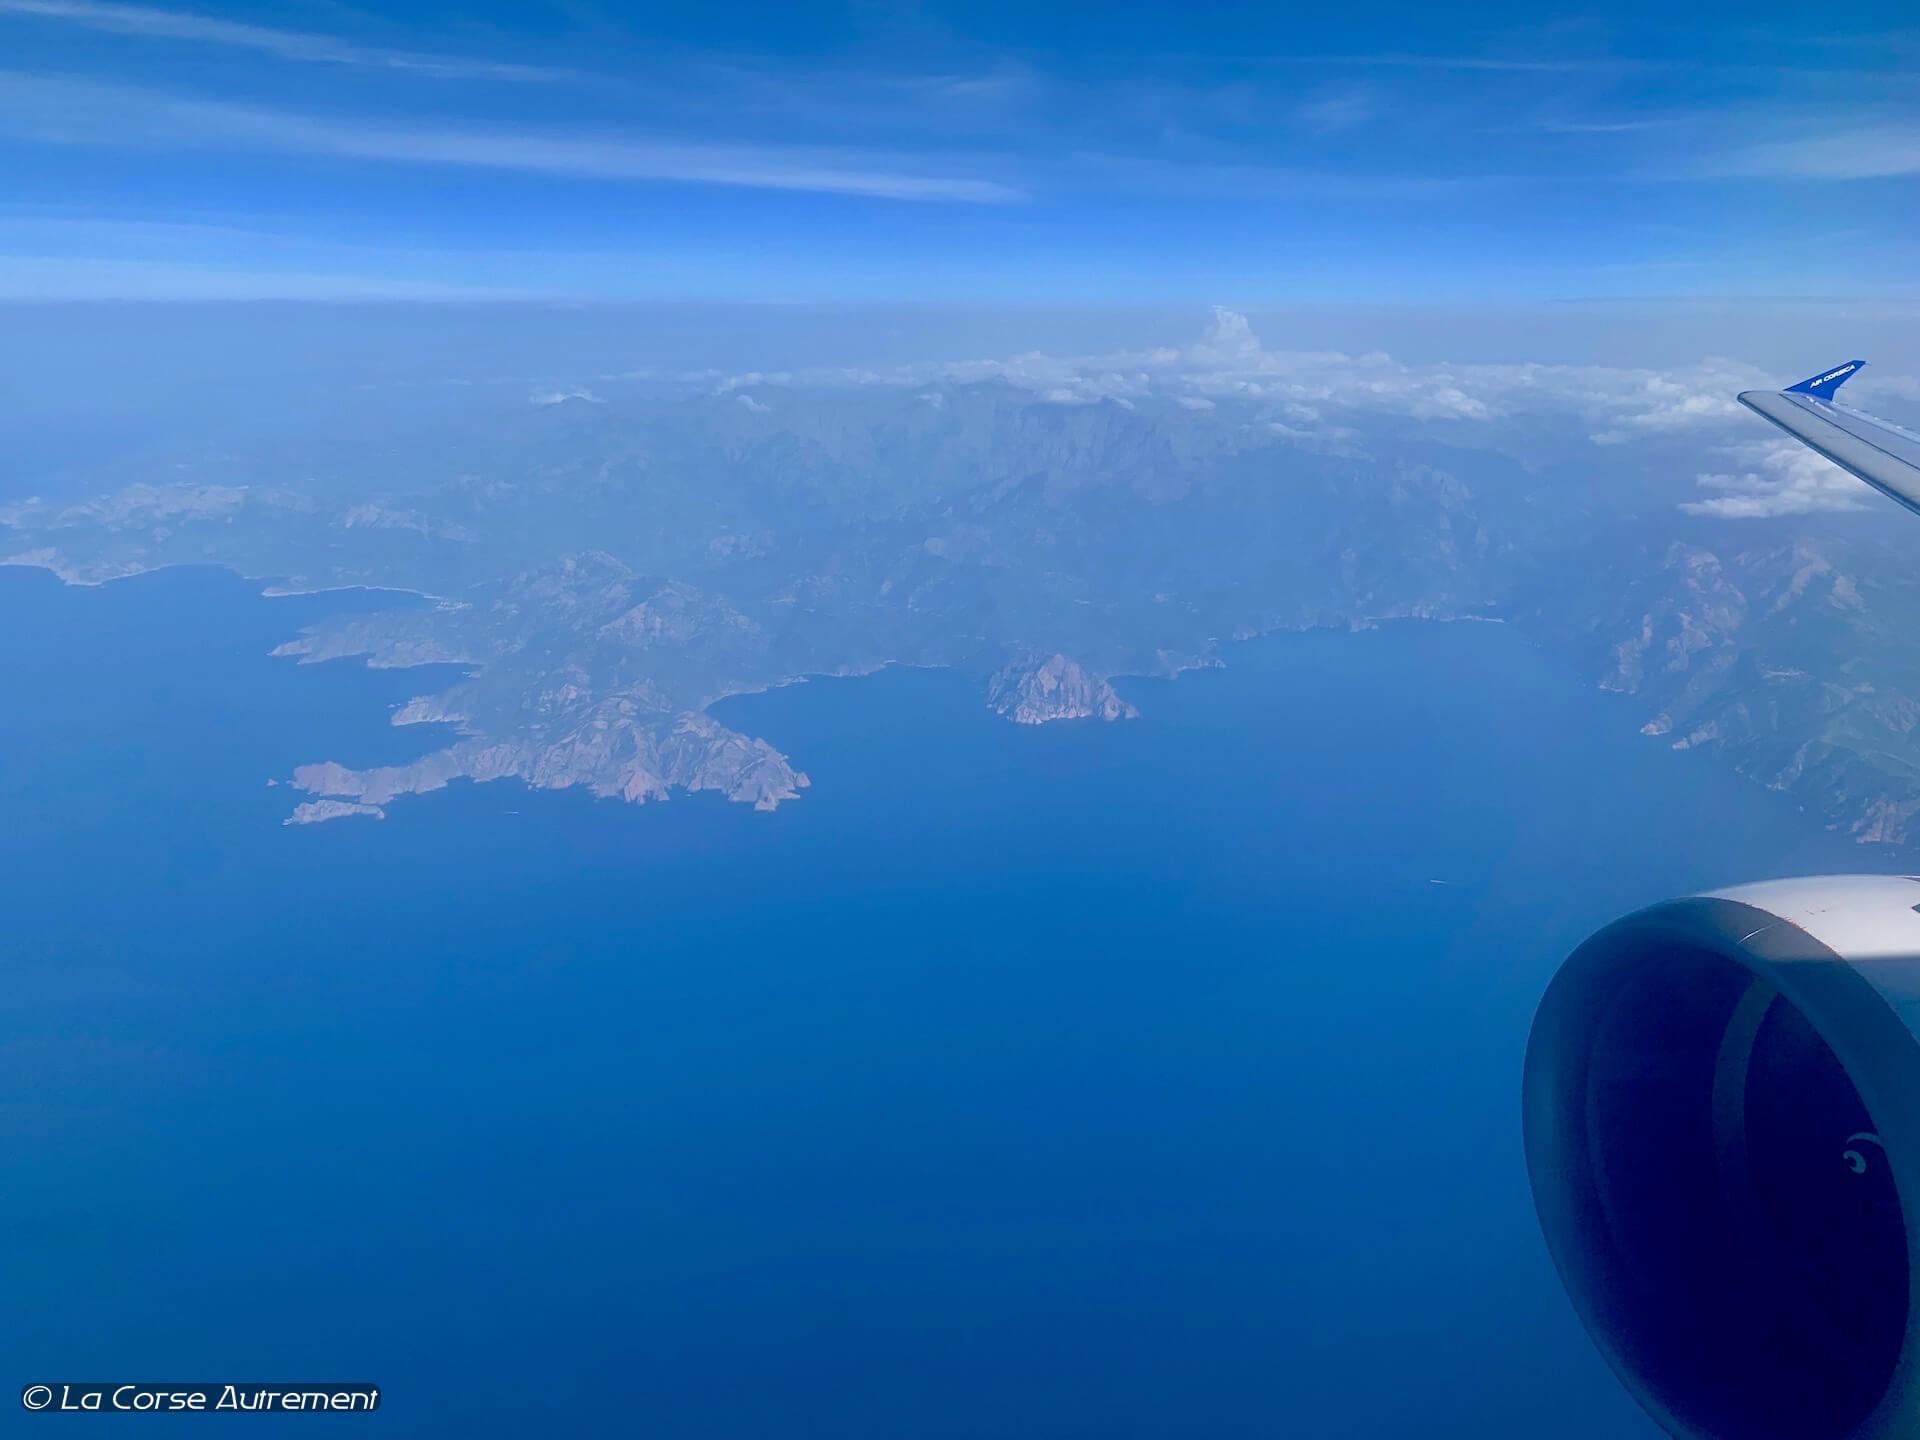 Corse vue du ciel